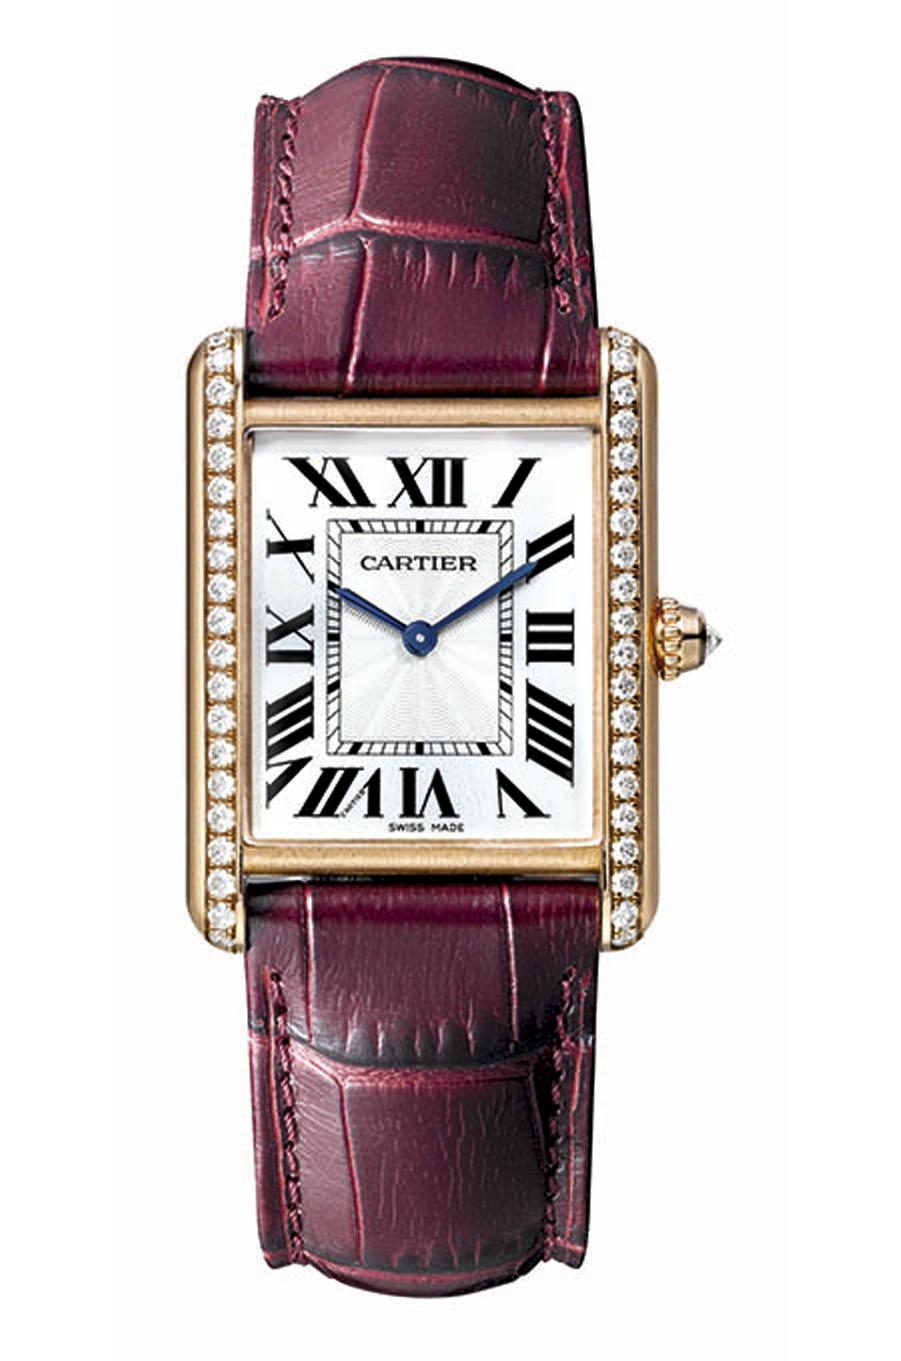 Tank Louis Cartier en or rose et diamants, 20 000€